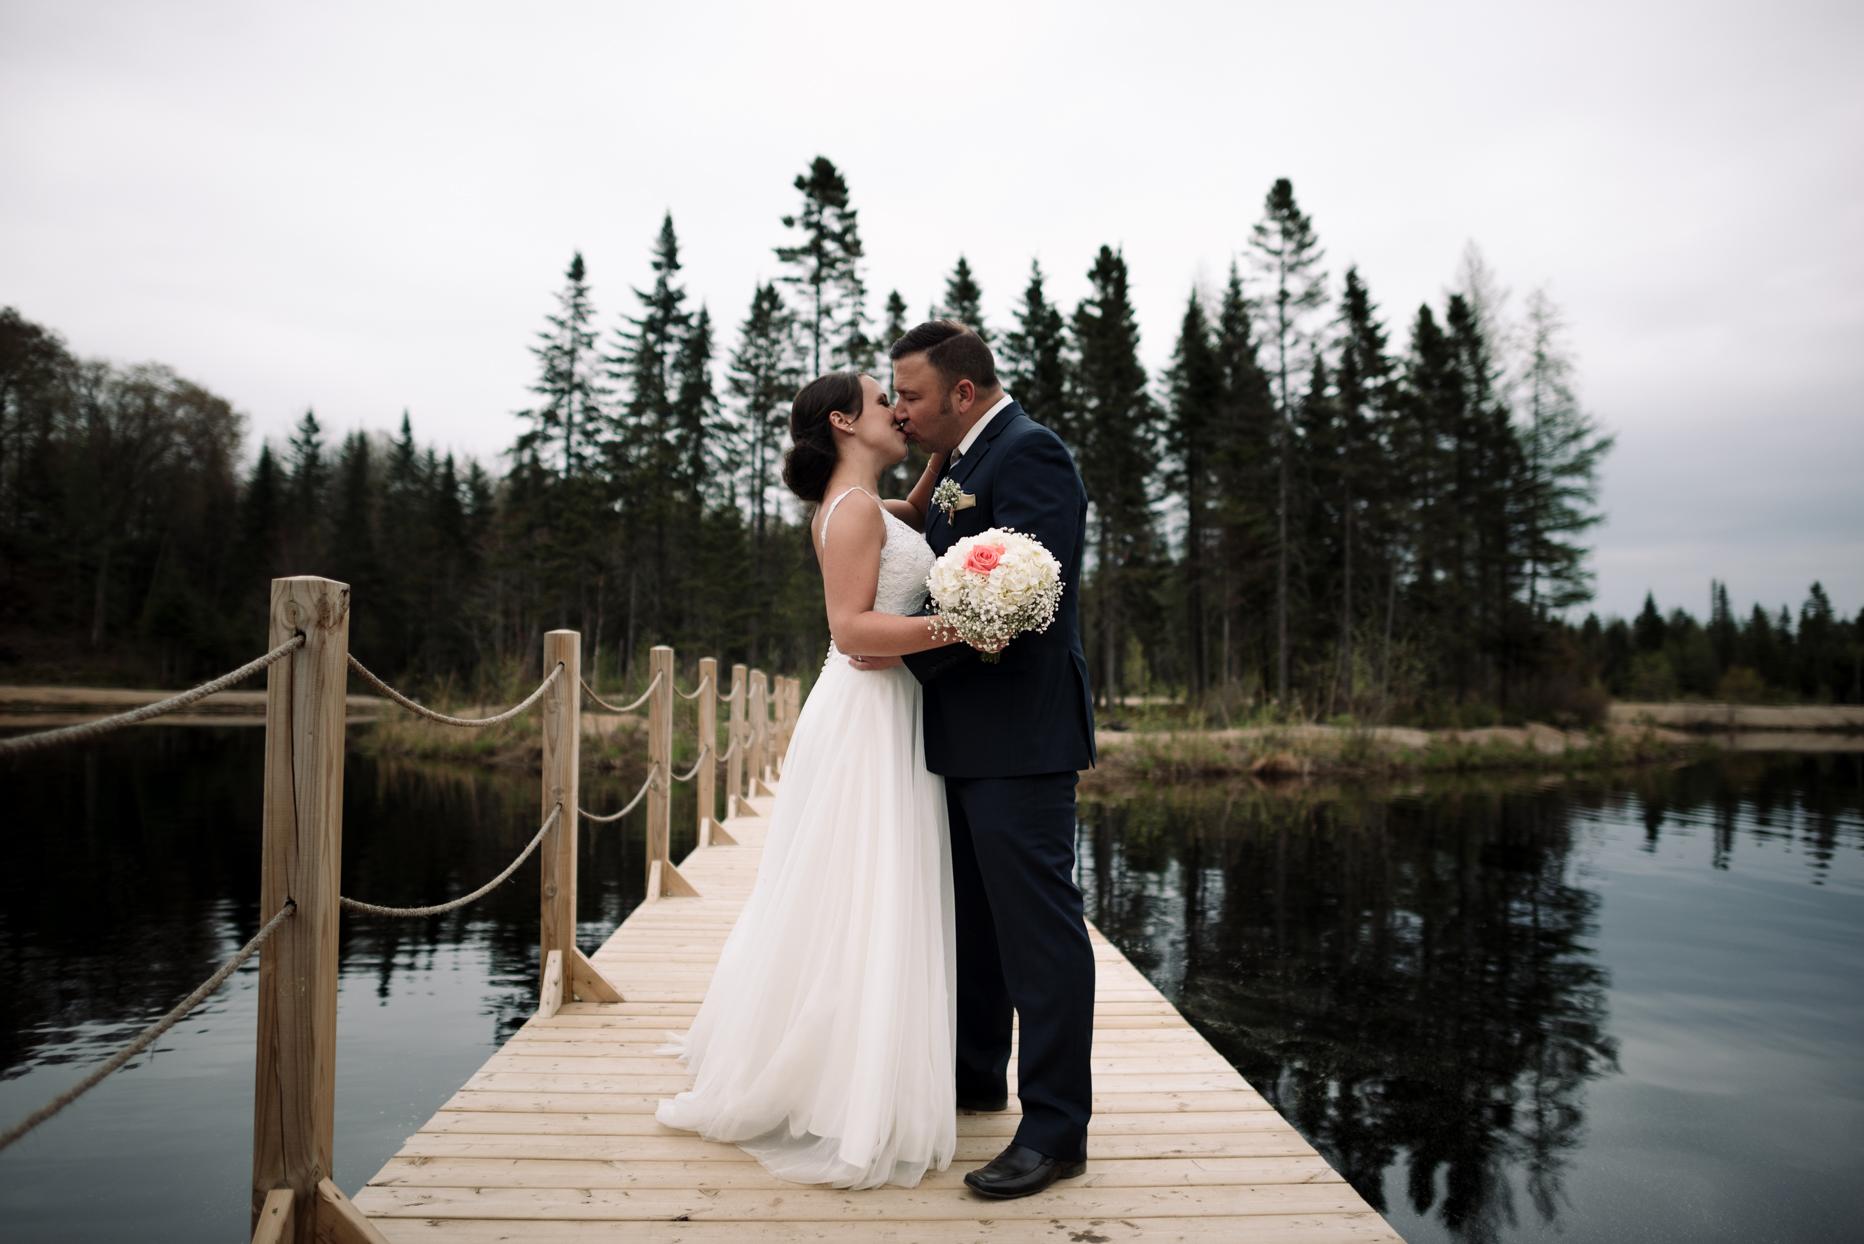 portfolio_mariage_Alexis_Lavoie-3.jpg